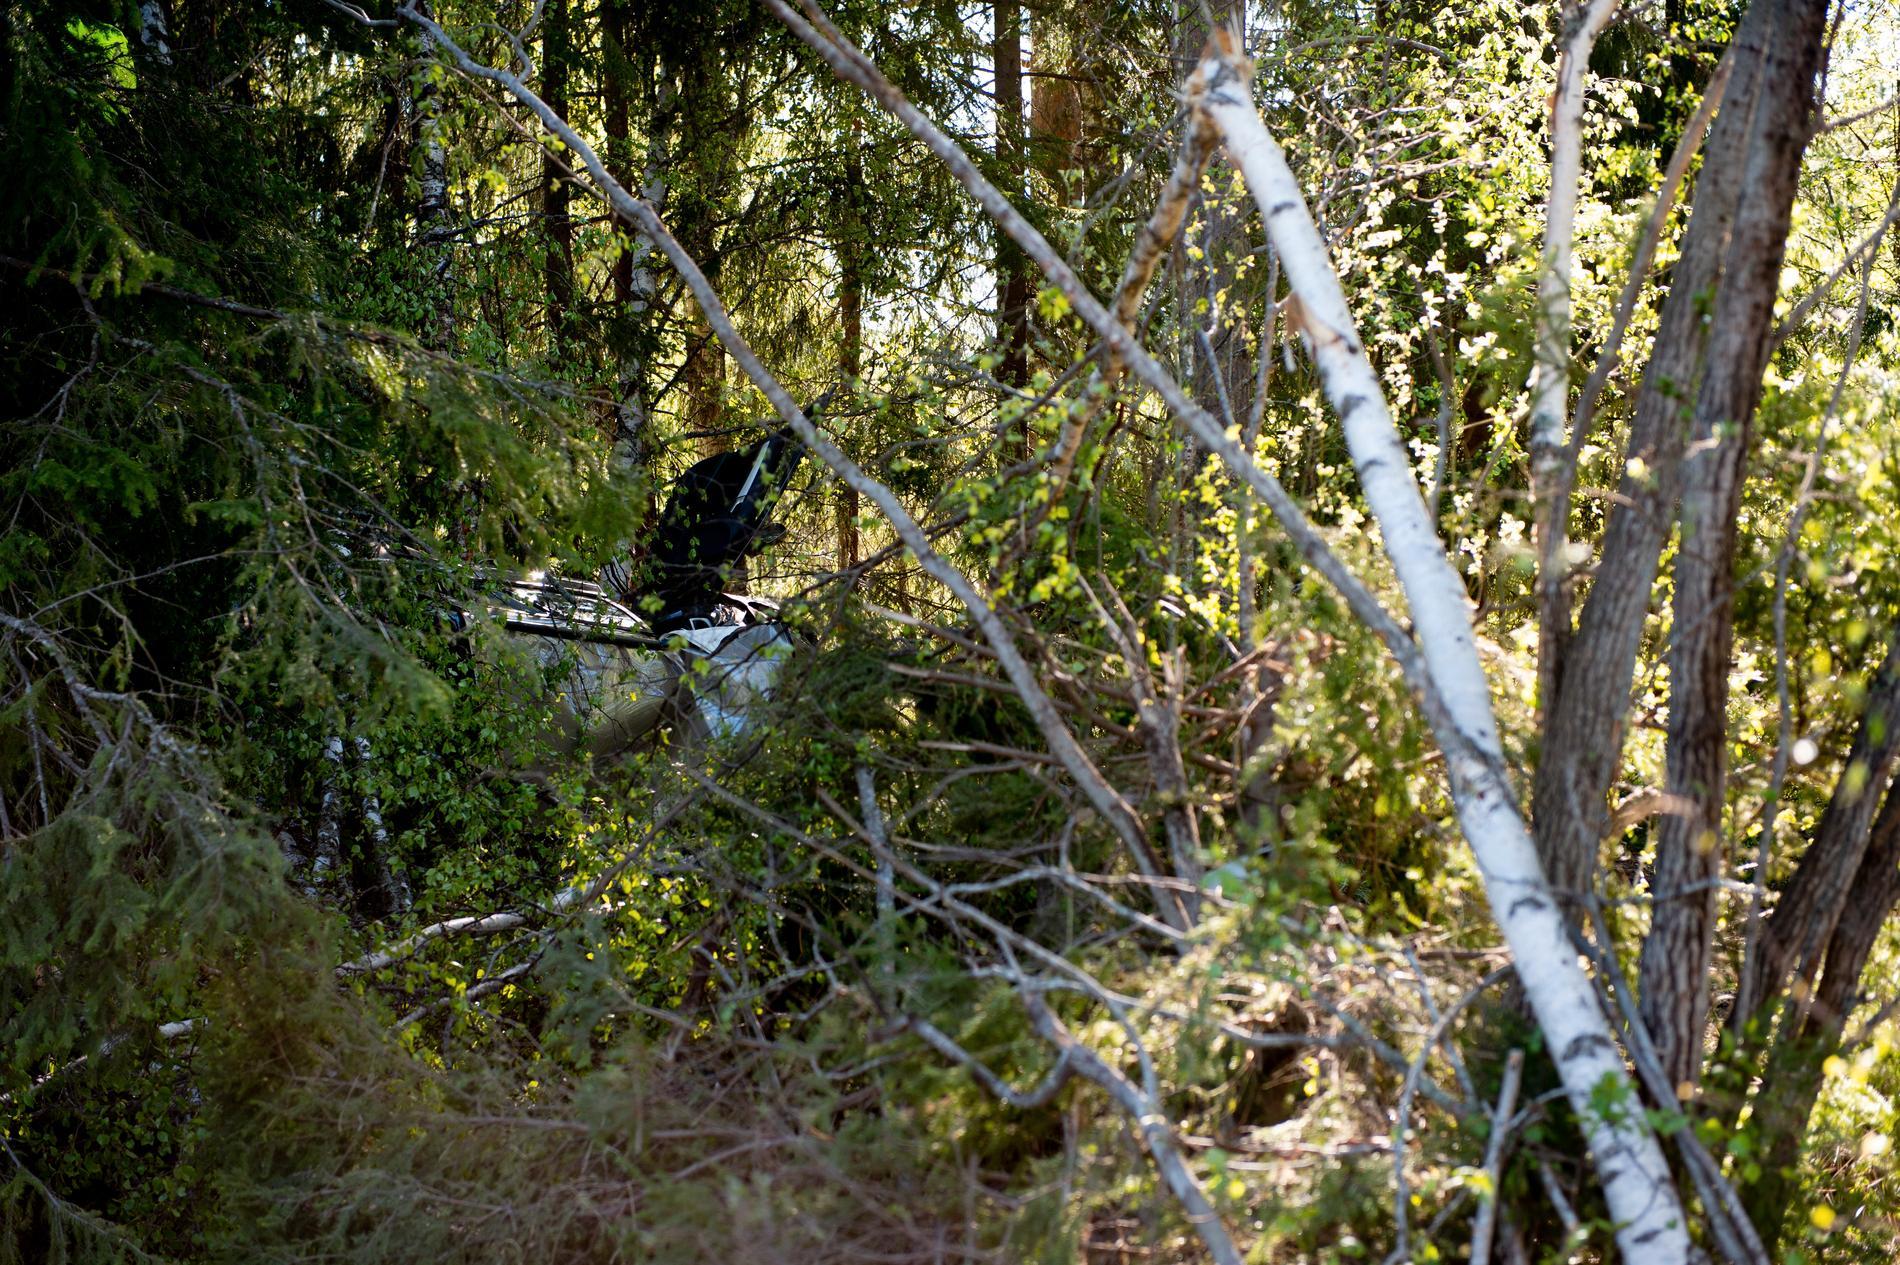 Vid tretiden i natt körde en bil av vägen och hamnade i skogen.